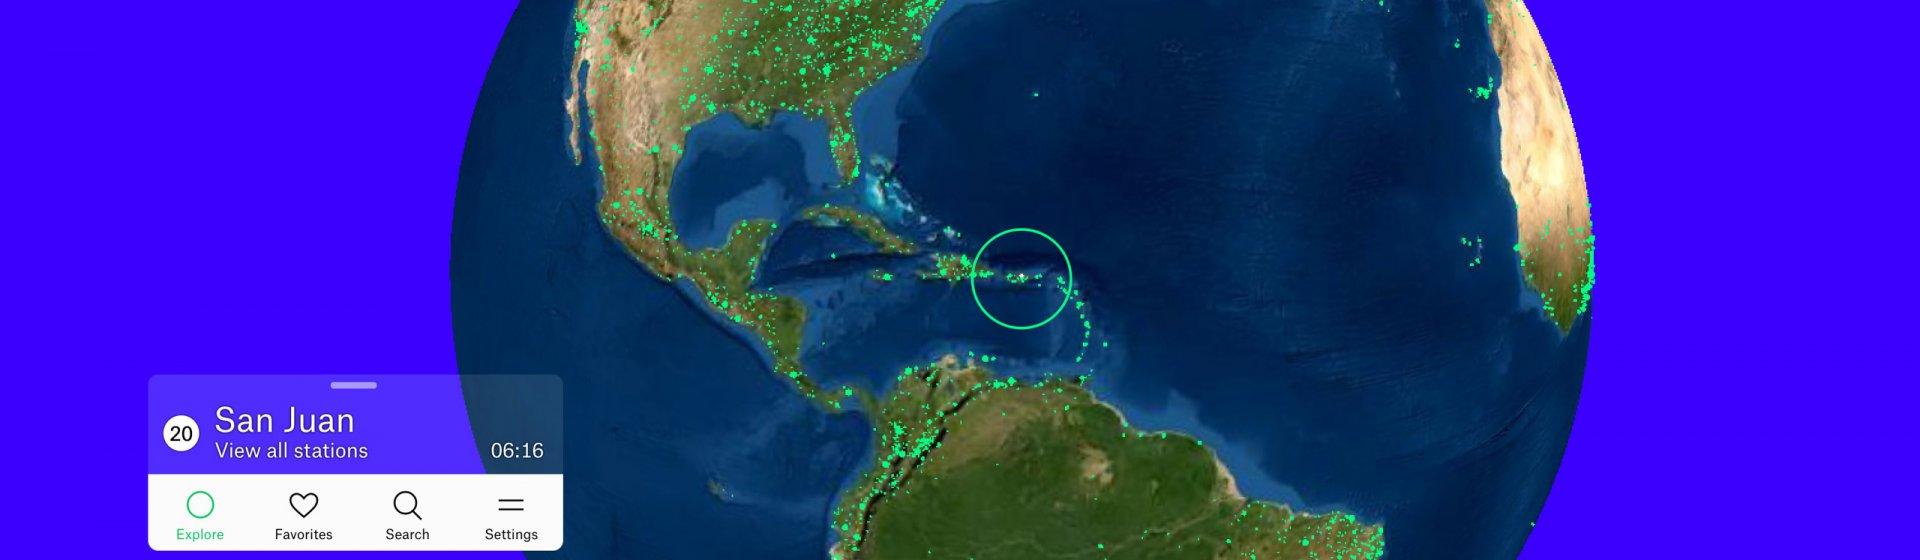 Weltkarte mit Mittelpunkt Mittelamerika